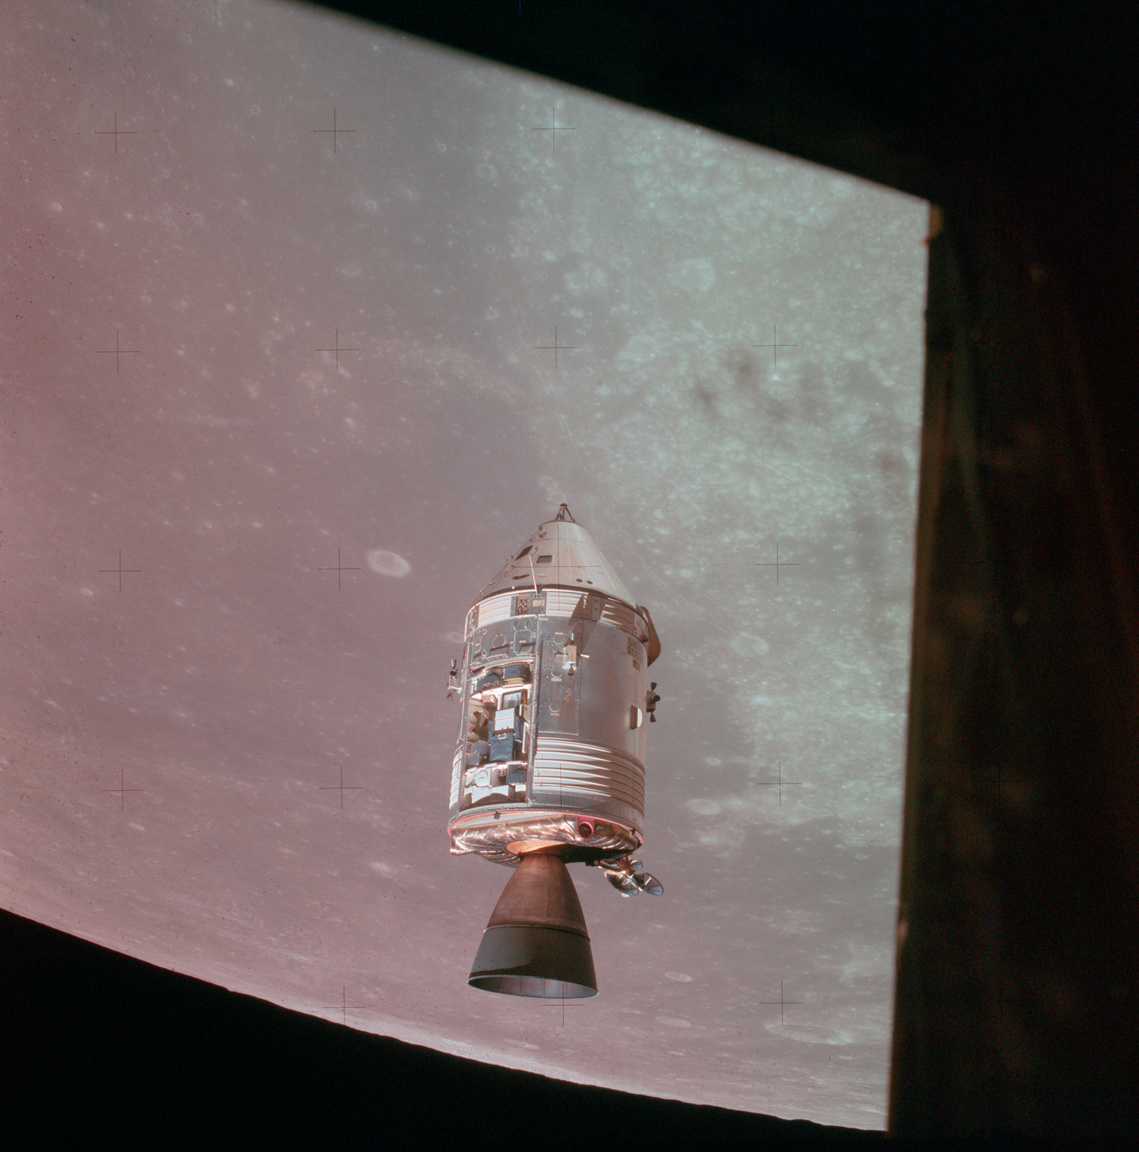 1971. július 30.Ott, abba fémdobozva zárva kering a Hold körül a világ legmagányosabb embere, Al Worden. A fénykép a holdkompból készült, amiben Scott és Irwin űrhajósok ülnek, a Holdraszállásra készülődve.